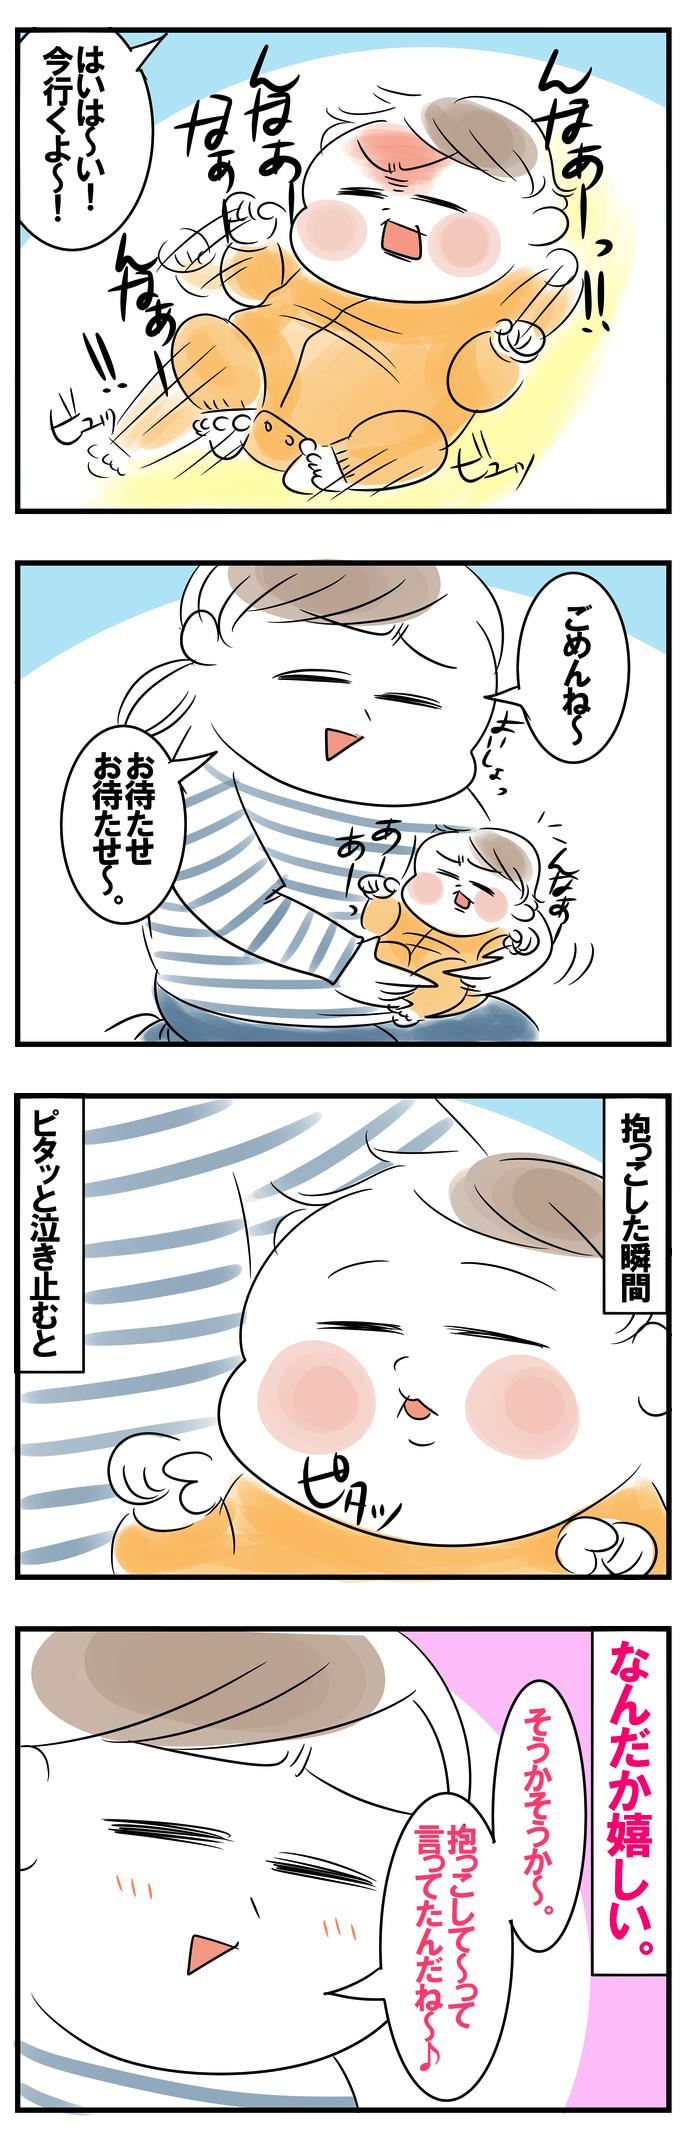 泣いてるあんずちゃんを抱き上げる。この後、ママは極上の幸せを実感する…!の画像1